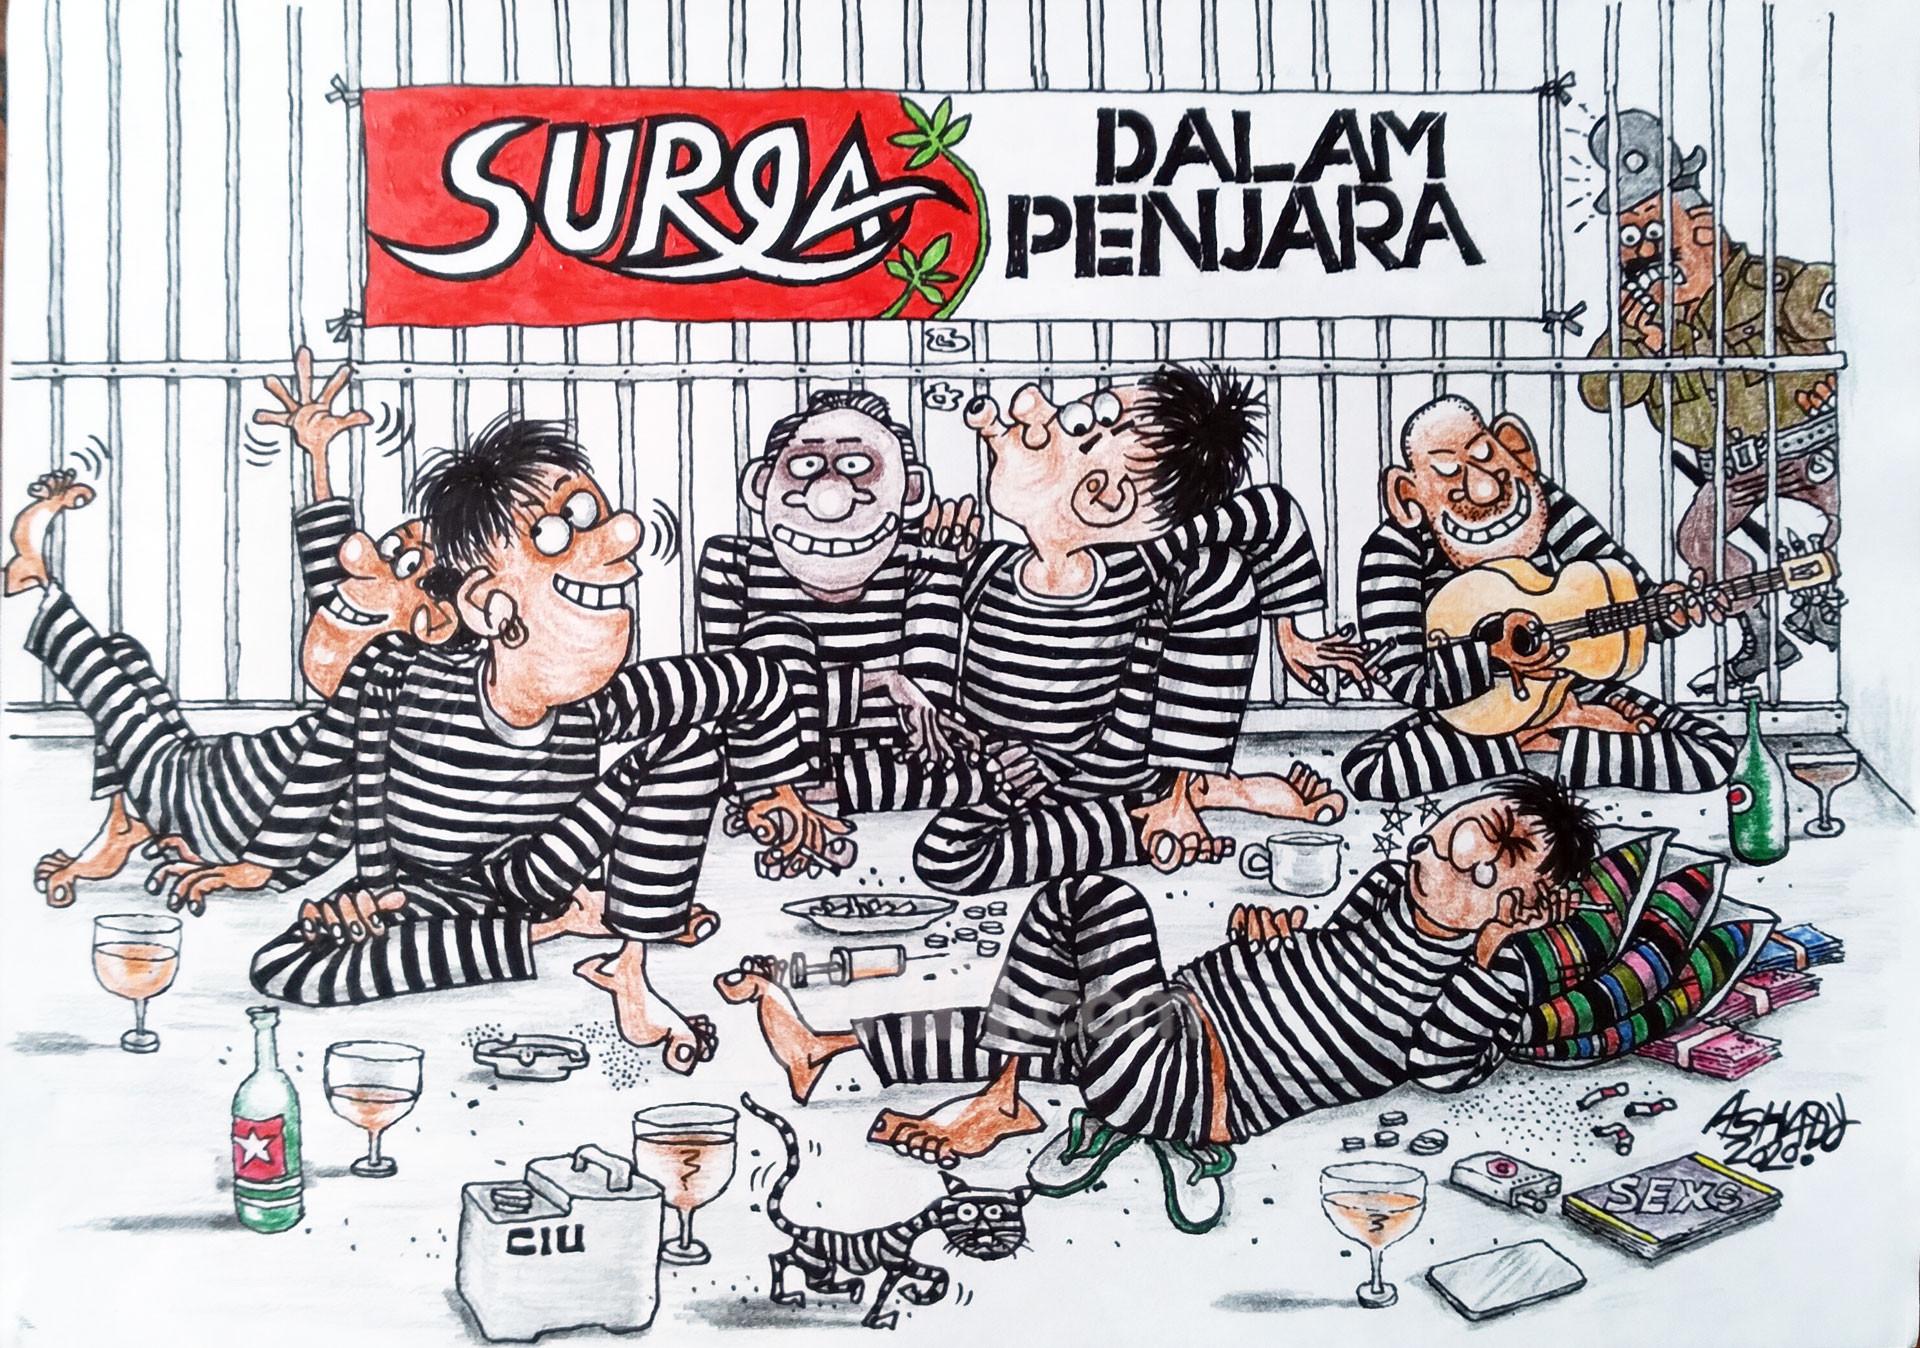 Surga Dalam Penjara. Karikatur oleh Ashady - JPNN.com